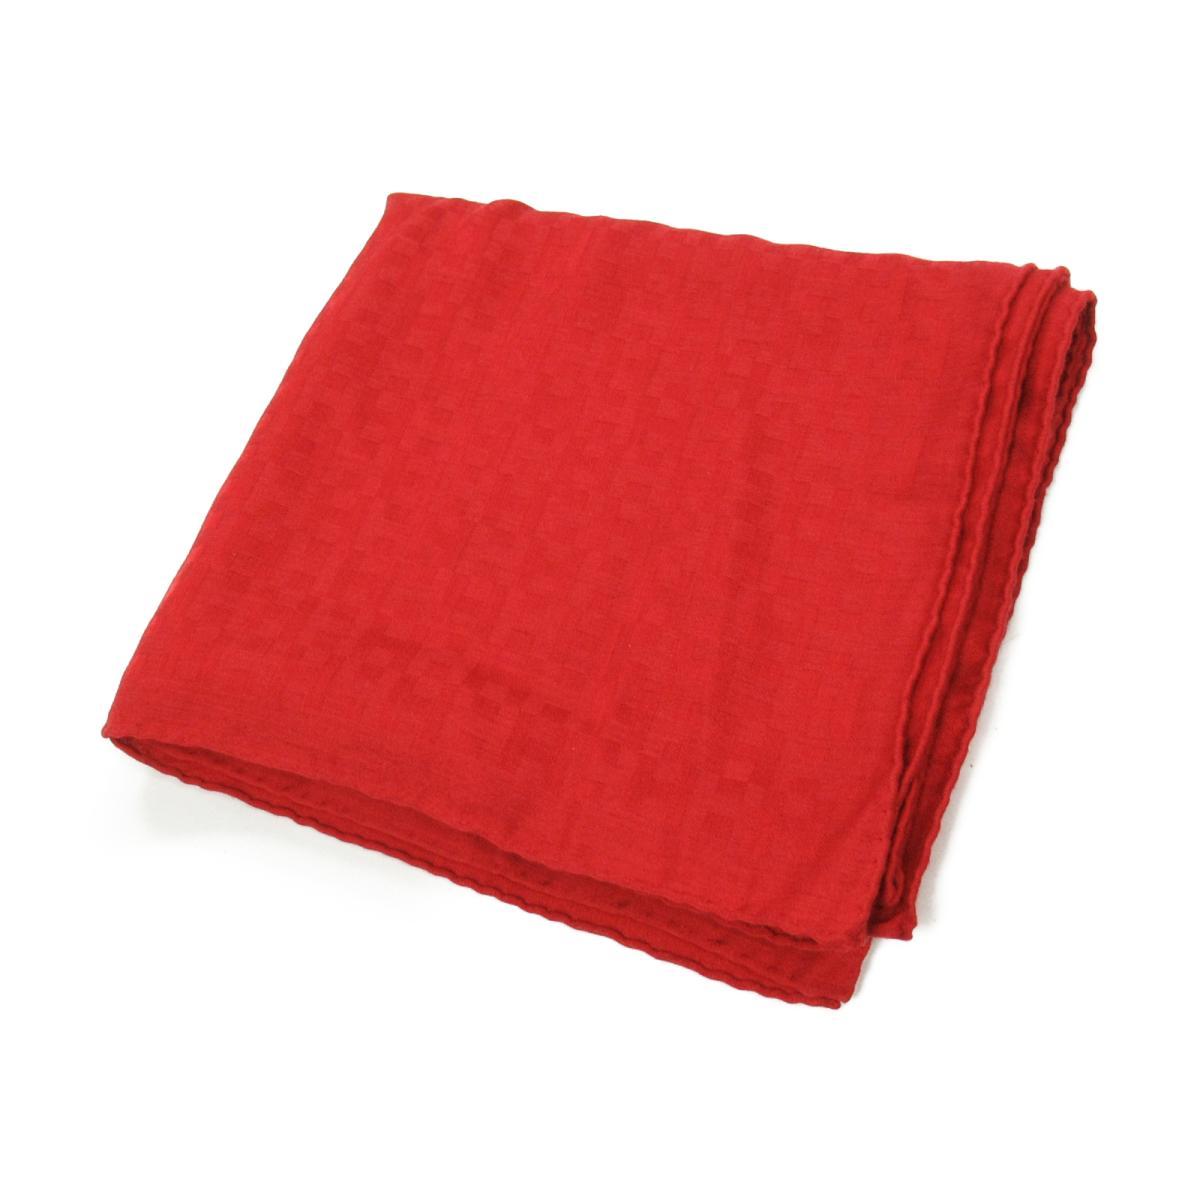 【中古】 エルメス ストール メンズ レディース カシミヤ (70%) x シルク (30%) レッド | HERMES スカーフ スカーフ 美品 ブランドオフ